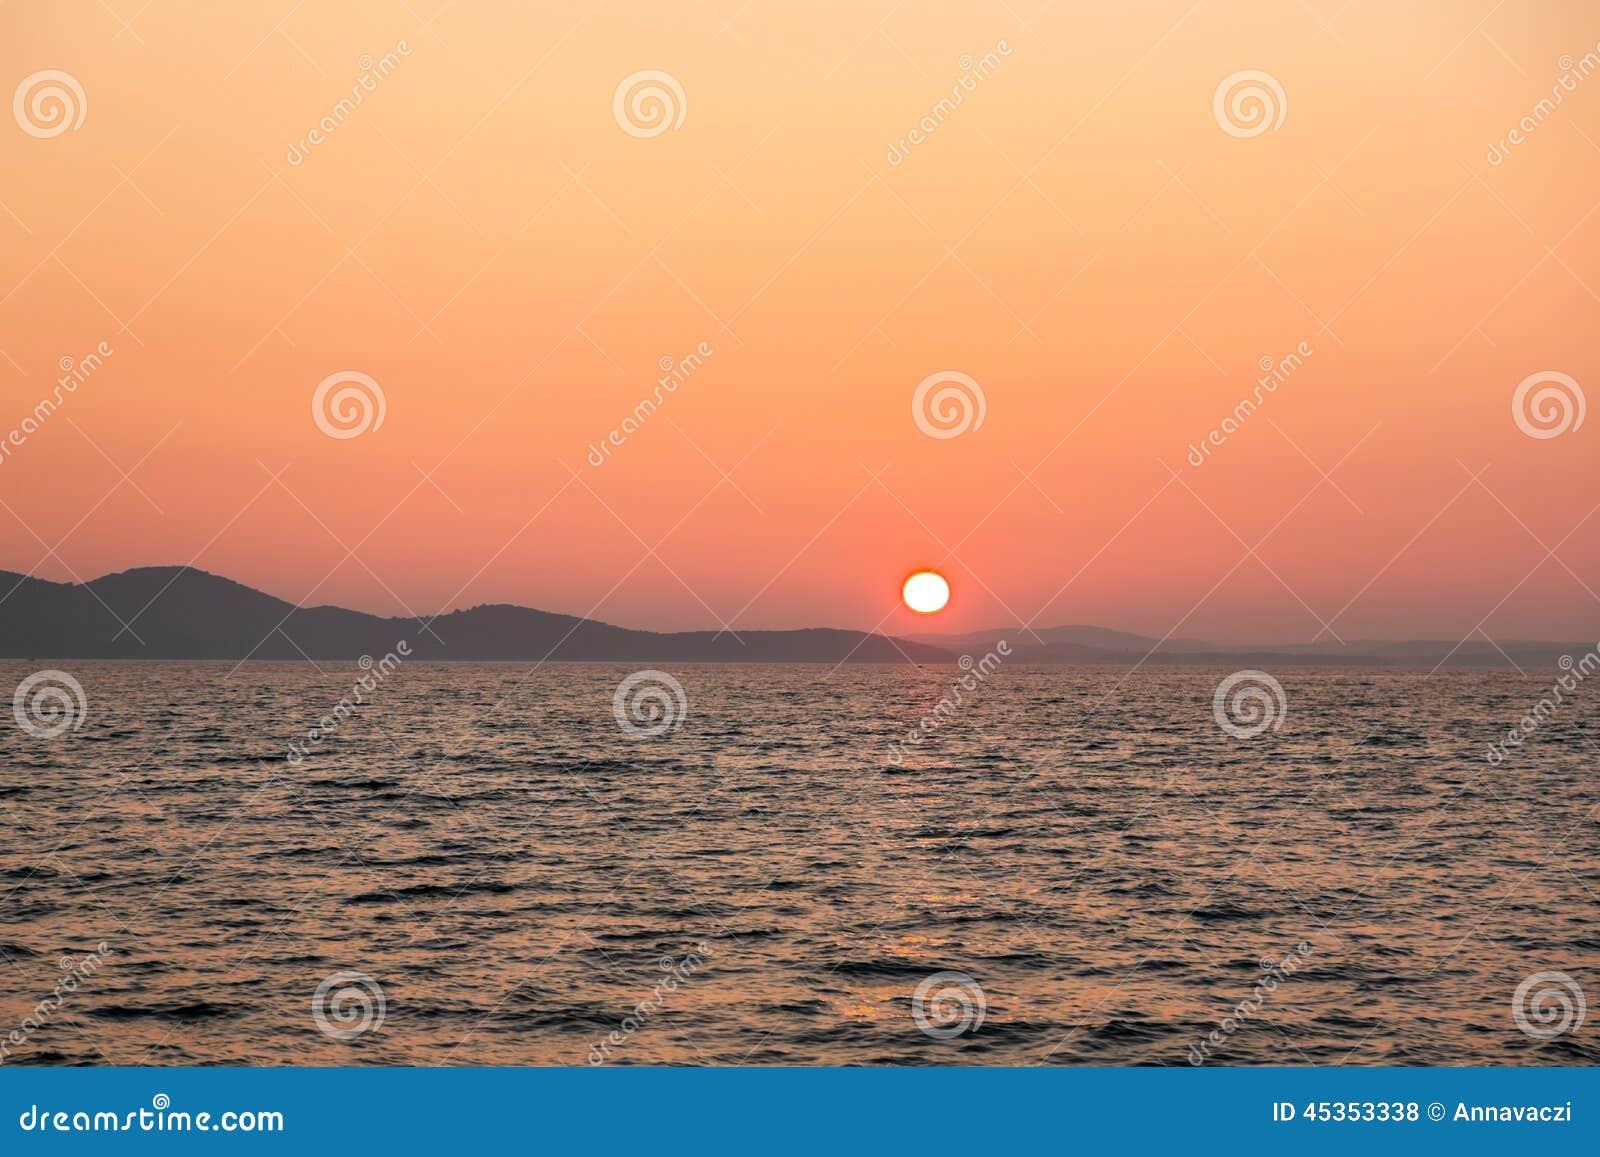 Beau paysage avec la mer et les nuages